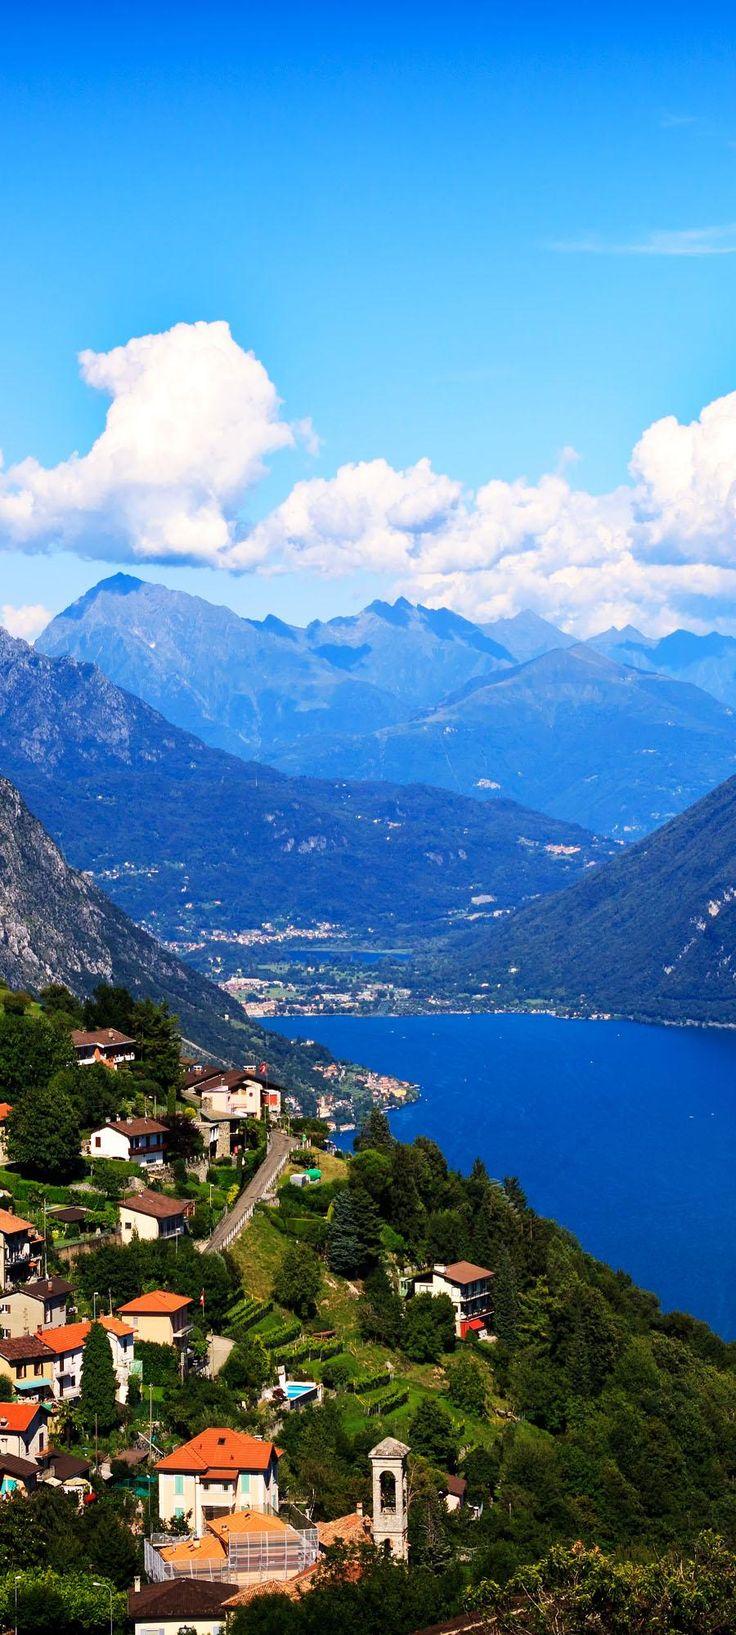 la ciudad de Lugano con la vista del lago de Lugano |  Fotografía increíble de las ciudades y Señales famosas de alrededor del mundo